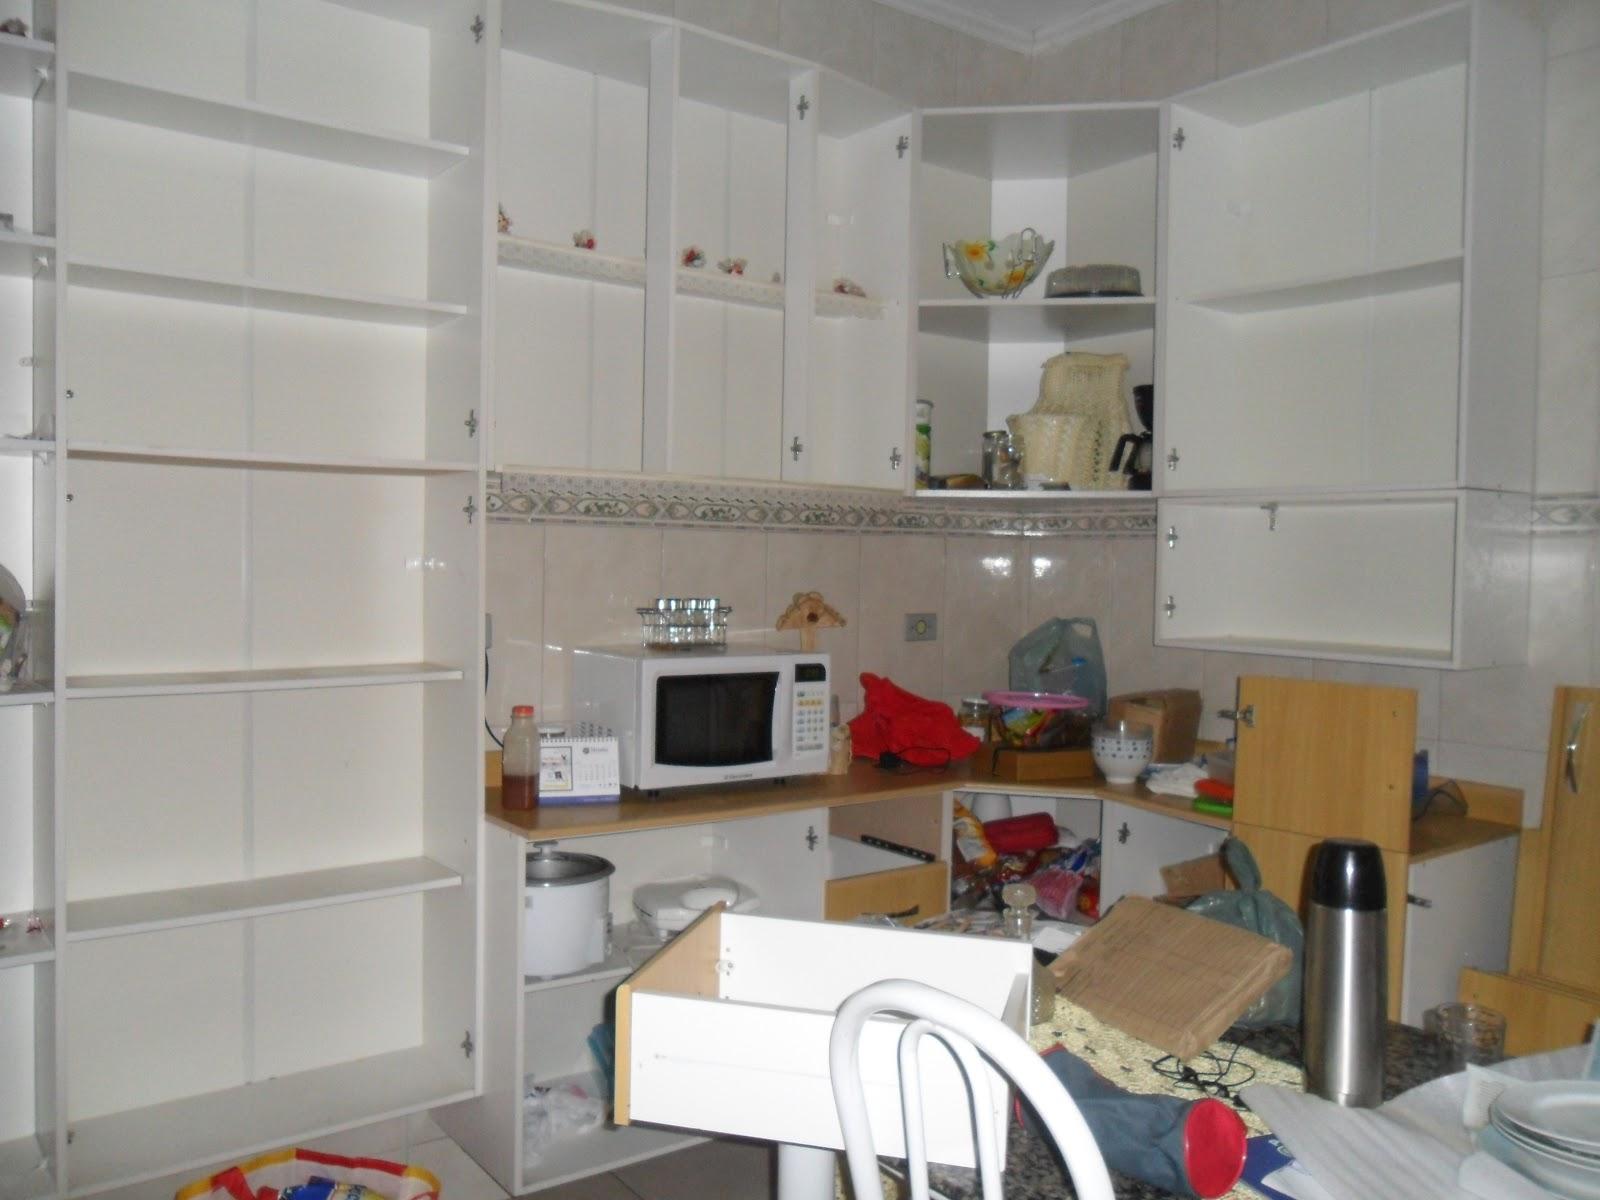 Idéias com Munelise: Armário de cozinha reciclado #693A2D 1600 1200